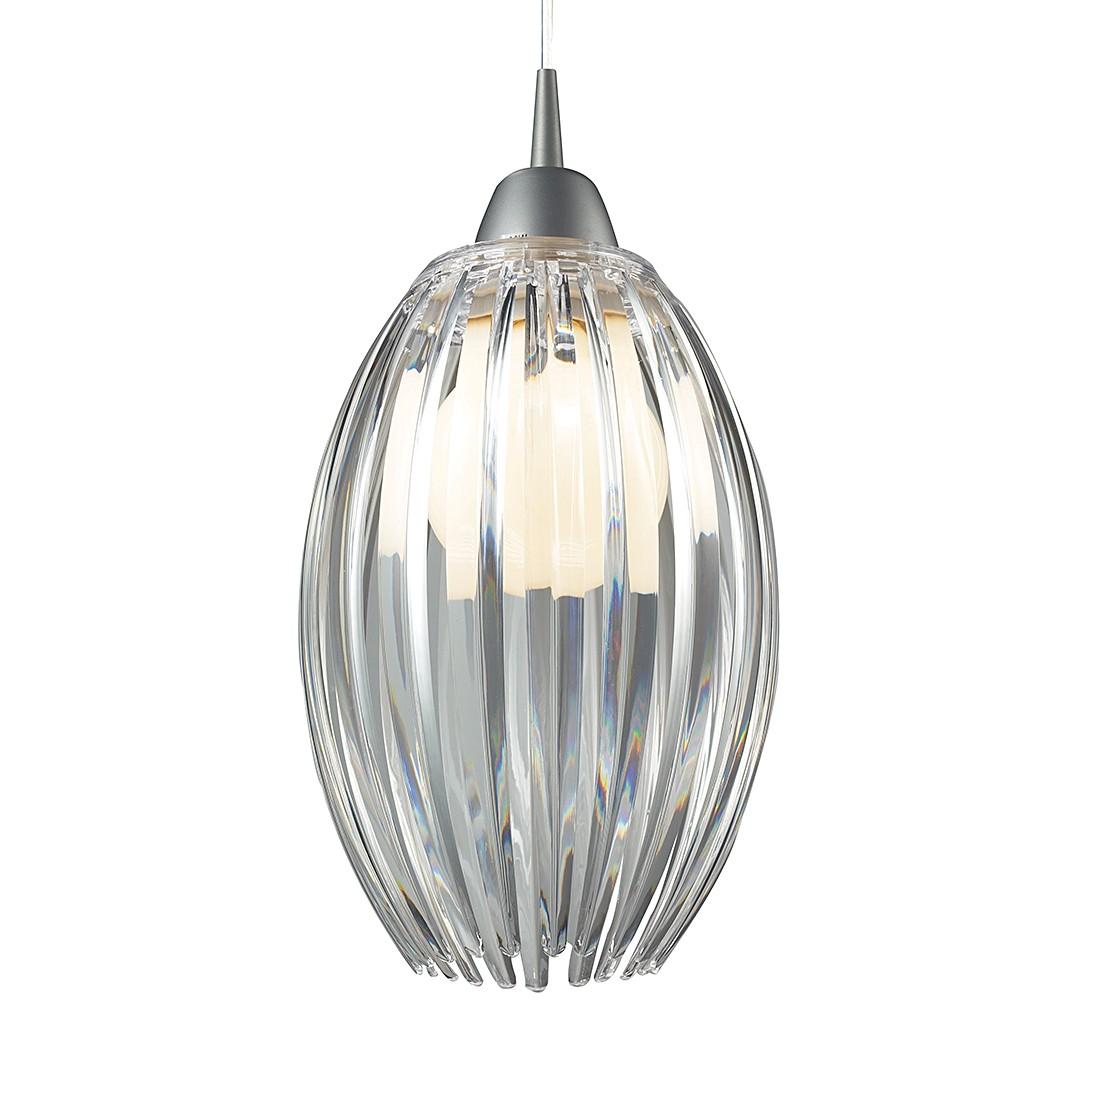 energie  A++, Hanglamp Acrylic - 1 lichtbron, Economic Lighting